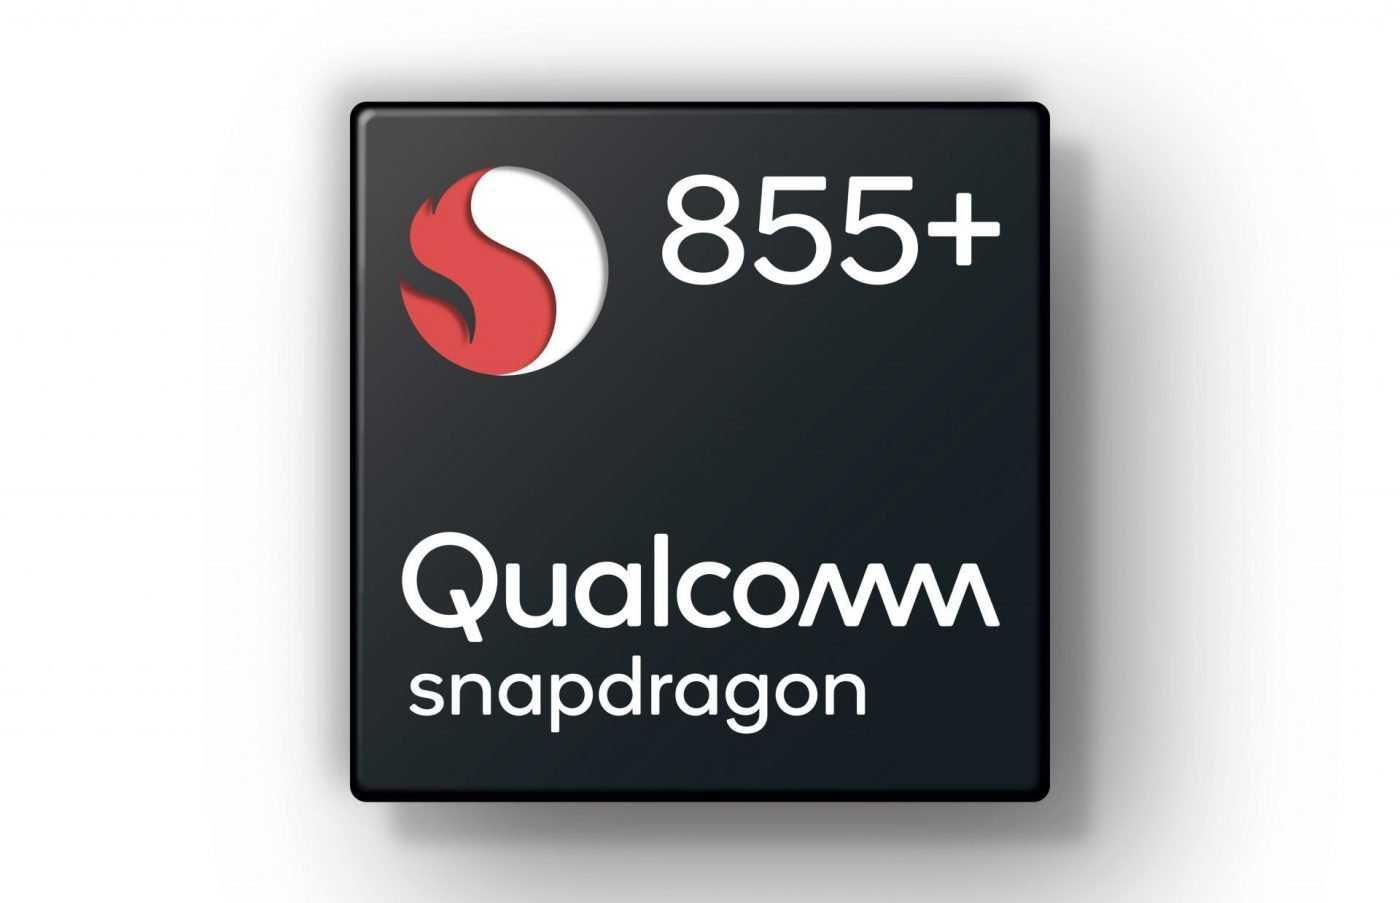 Компания Qualcomm наконец-то раскрыла характеристики своего нового процессора Snapdragon 768G Скорее всего этот чип первым получил китайский смартфон Redmi K30 в